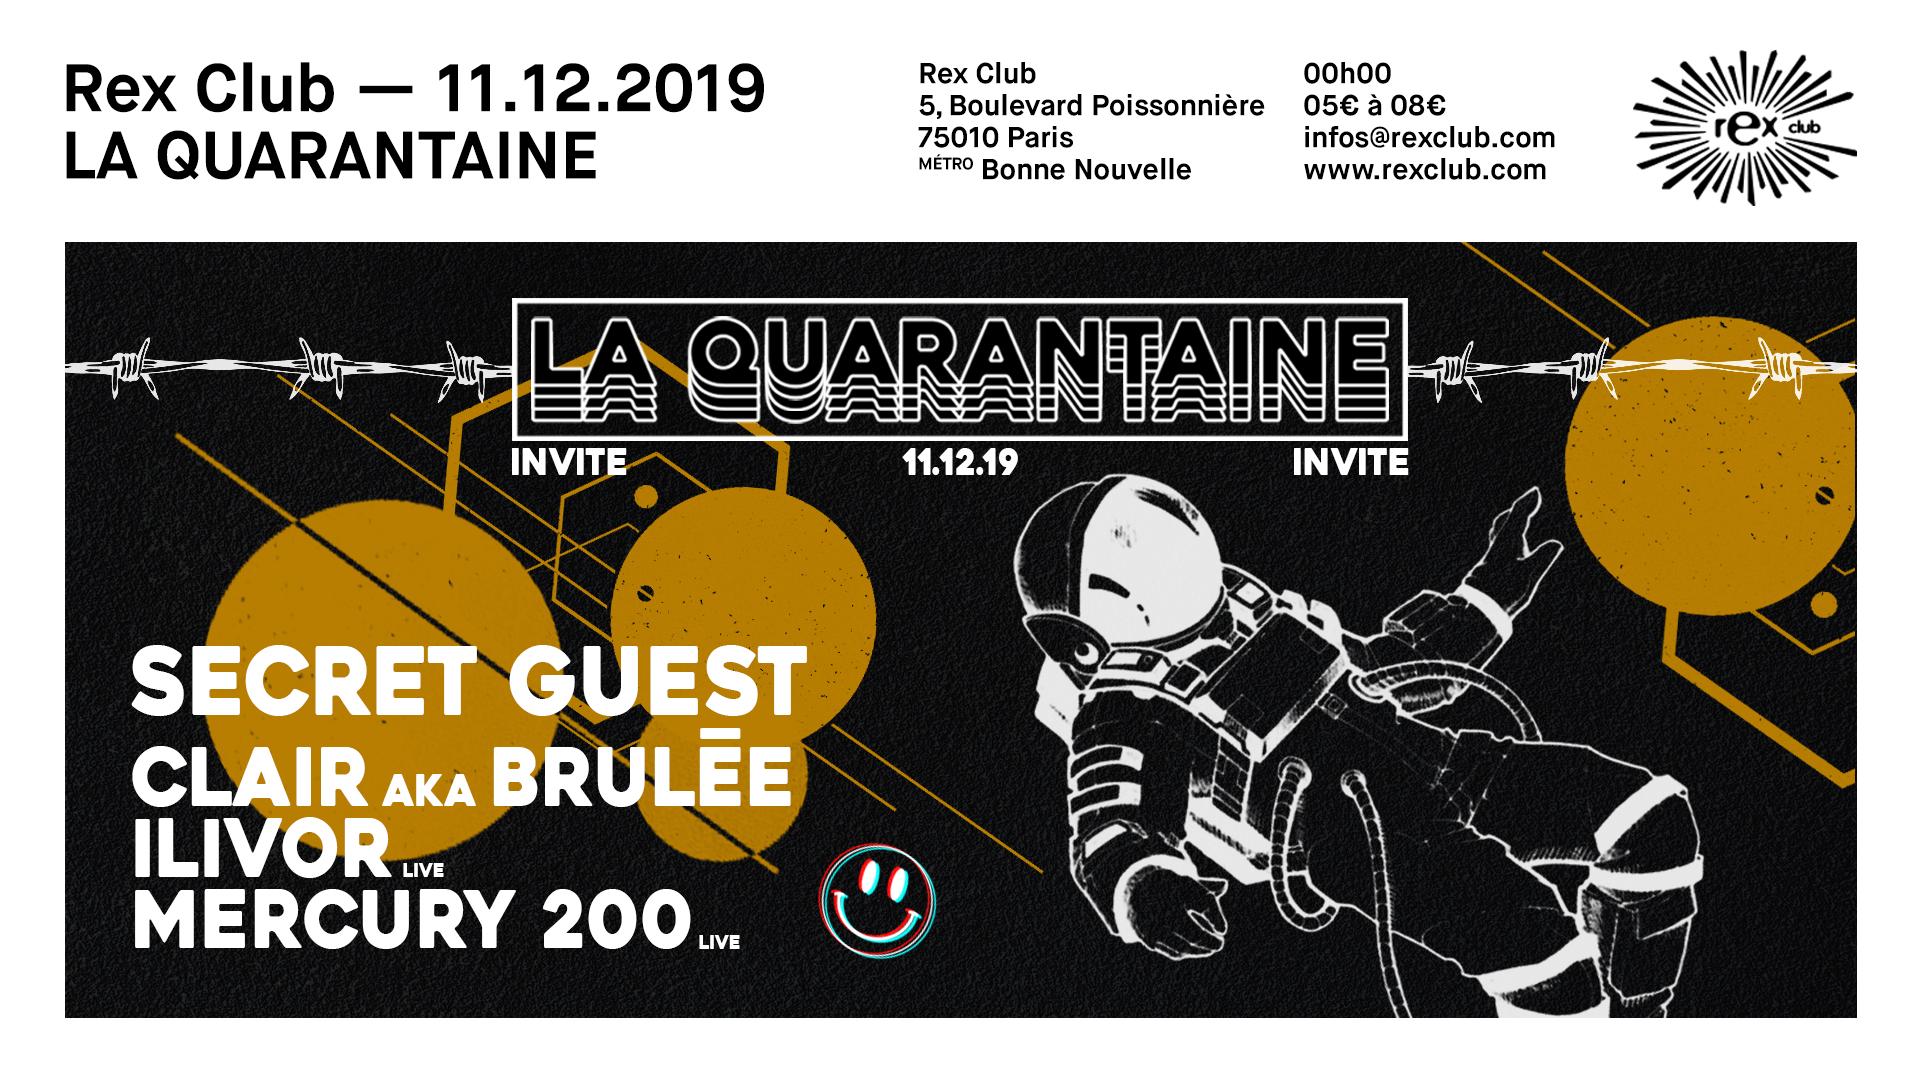 La Quarantaine: Trym, Clair aka Brulée, Ilivor, Mercury 200 Live